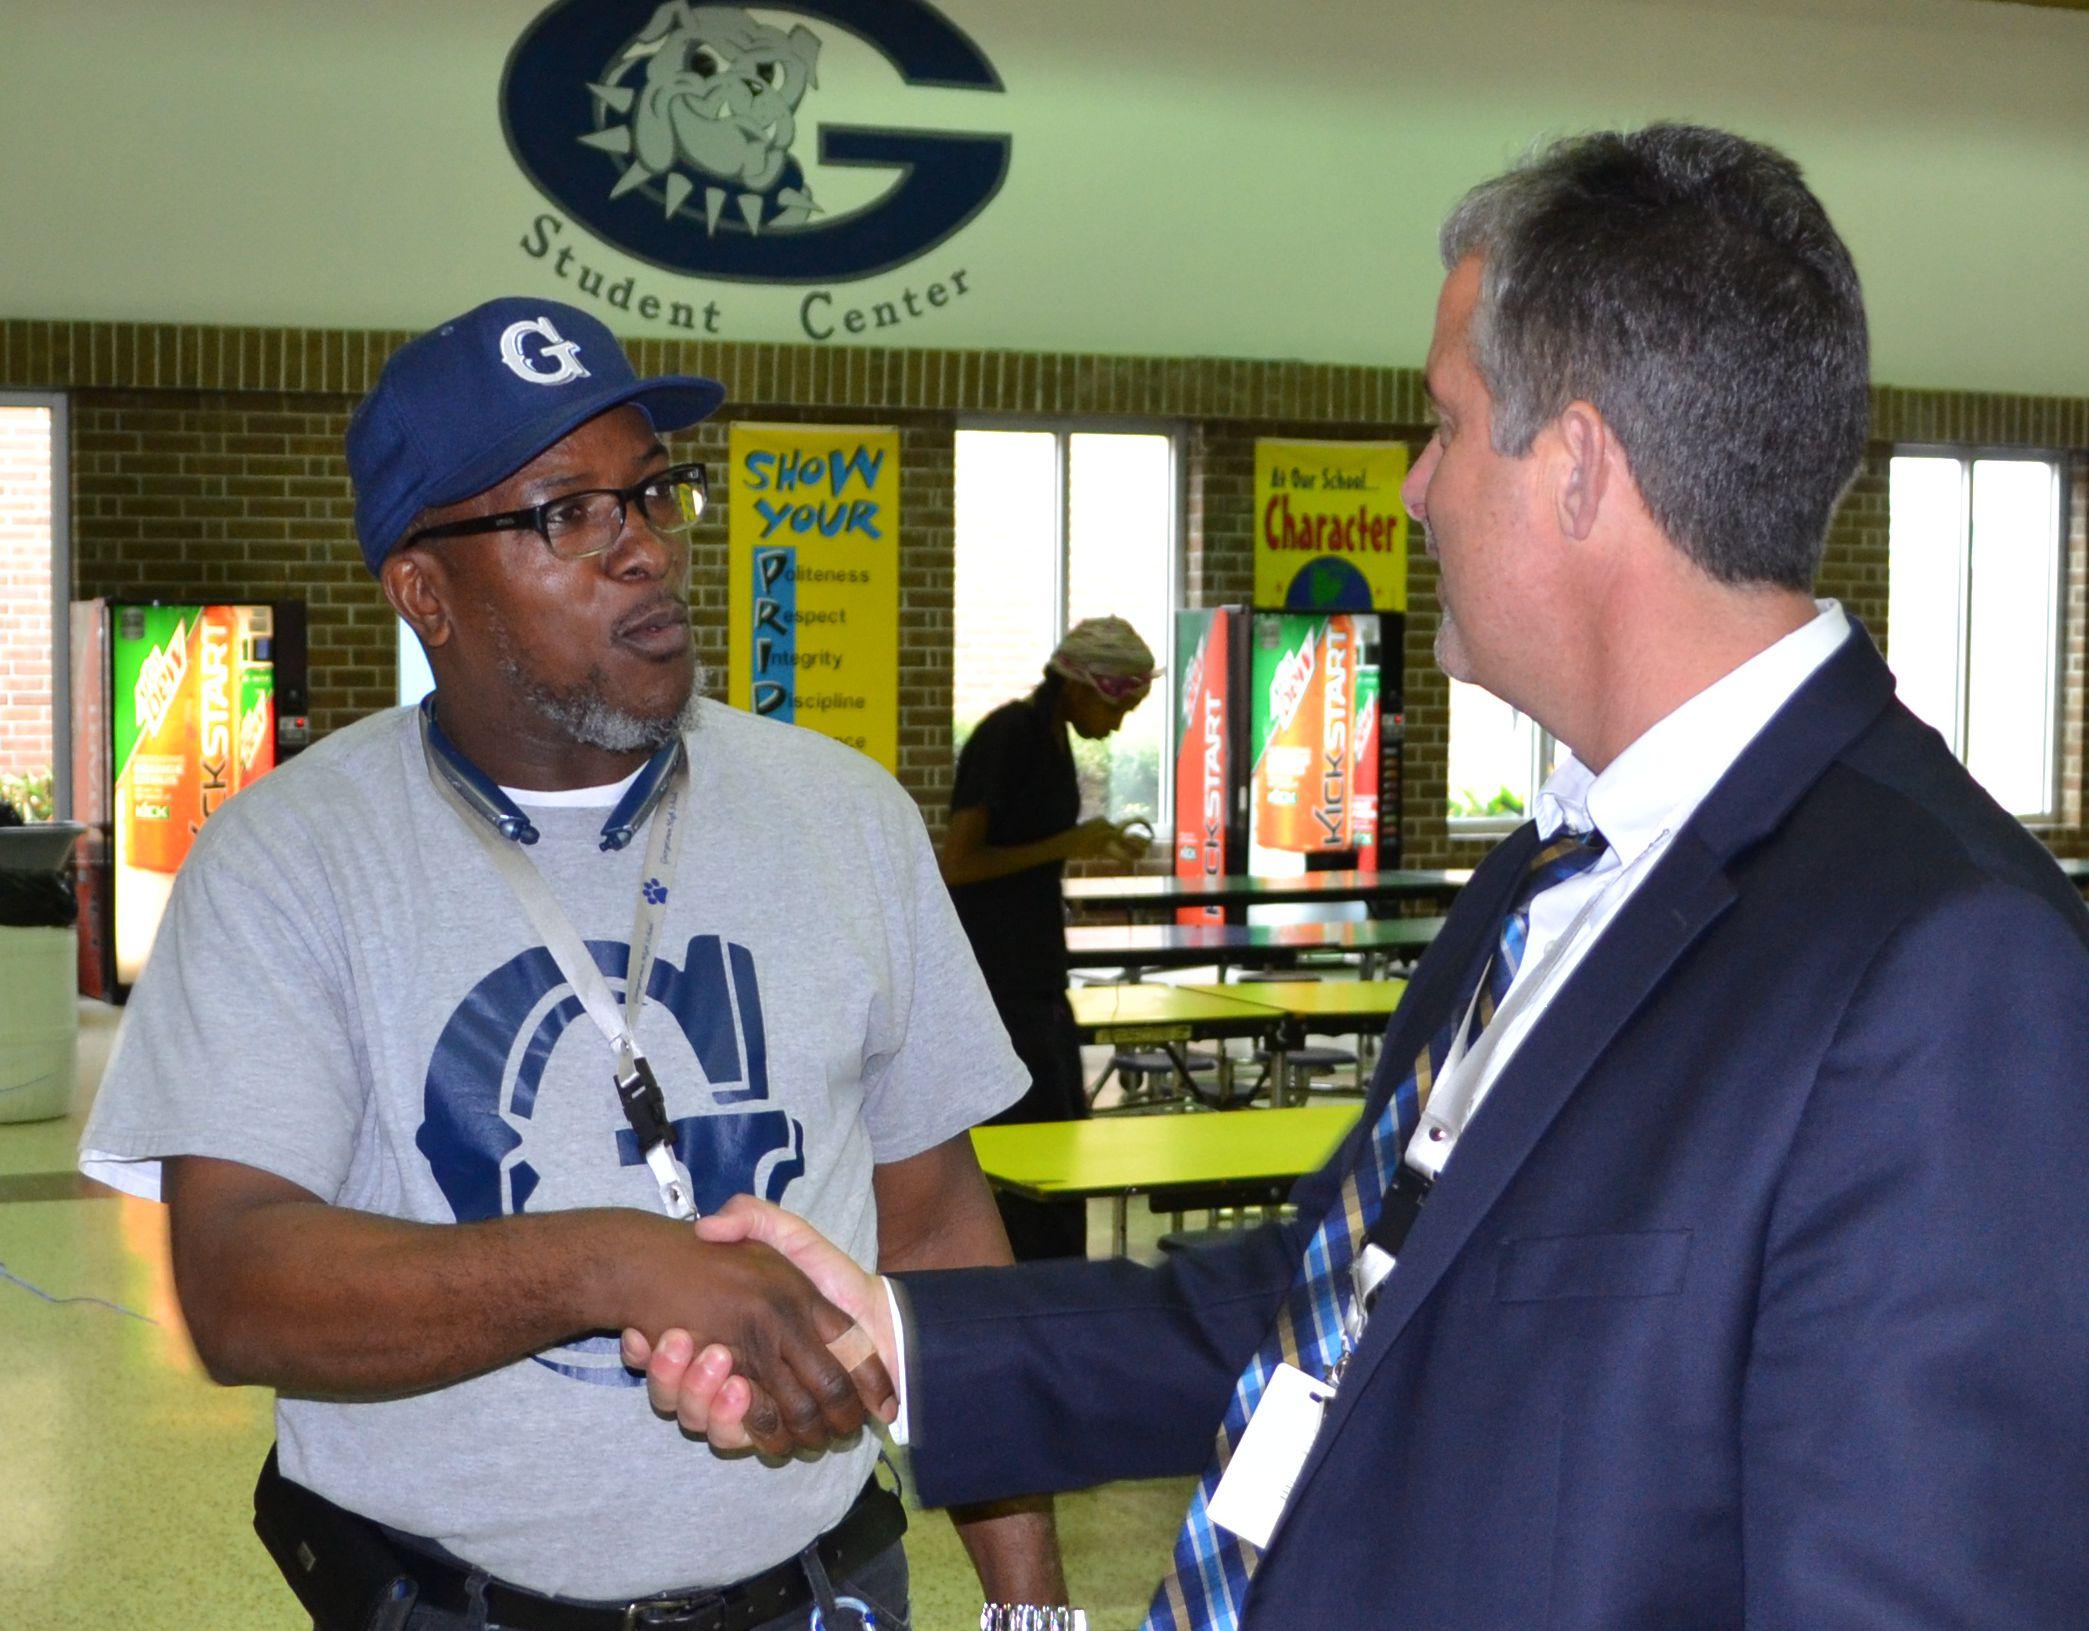 Rev. Jackson congratulated by Principal Craig Evans